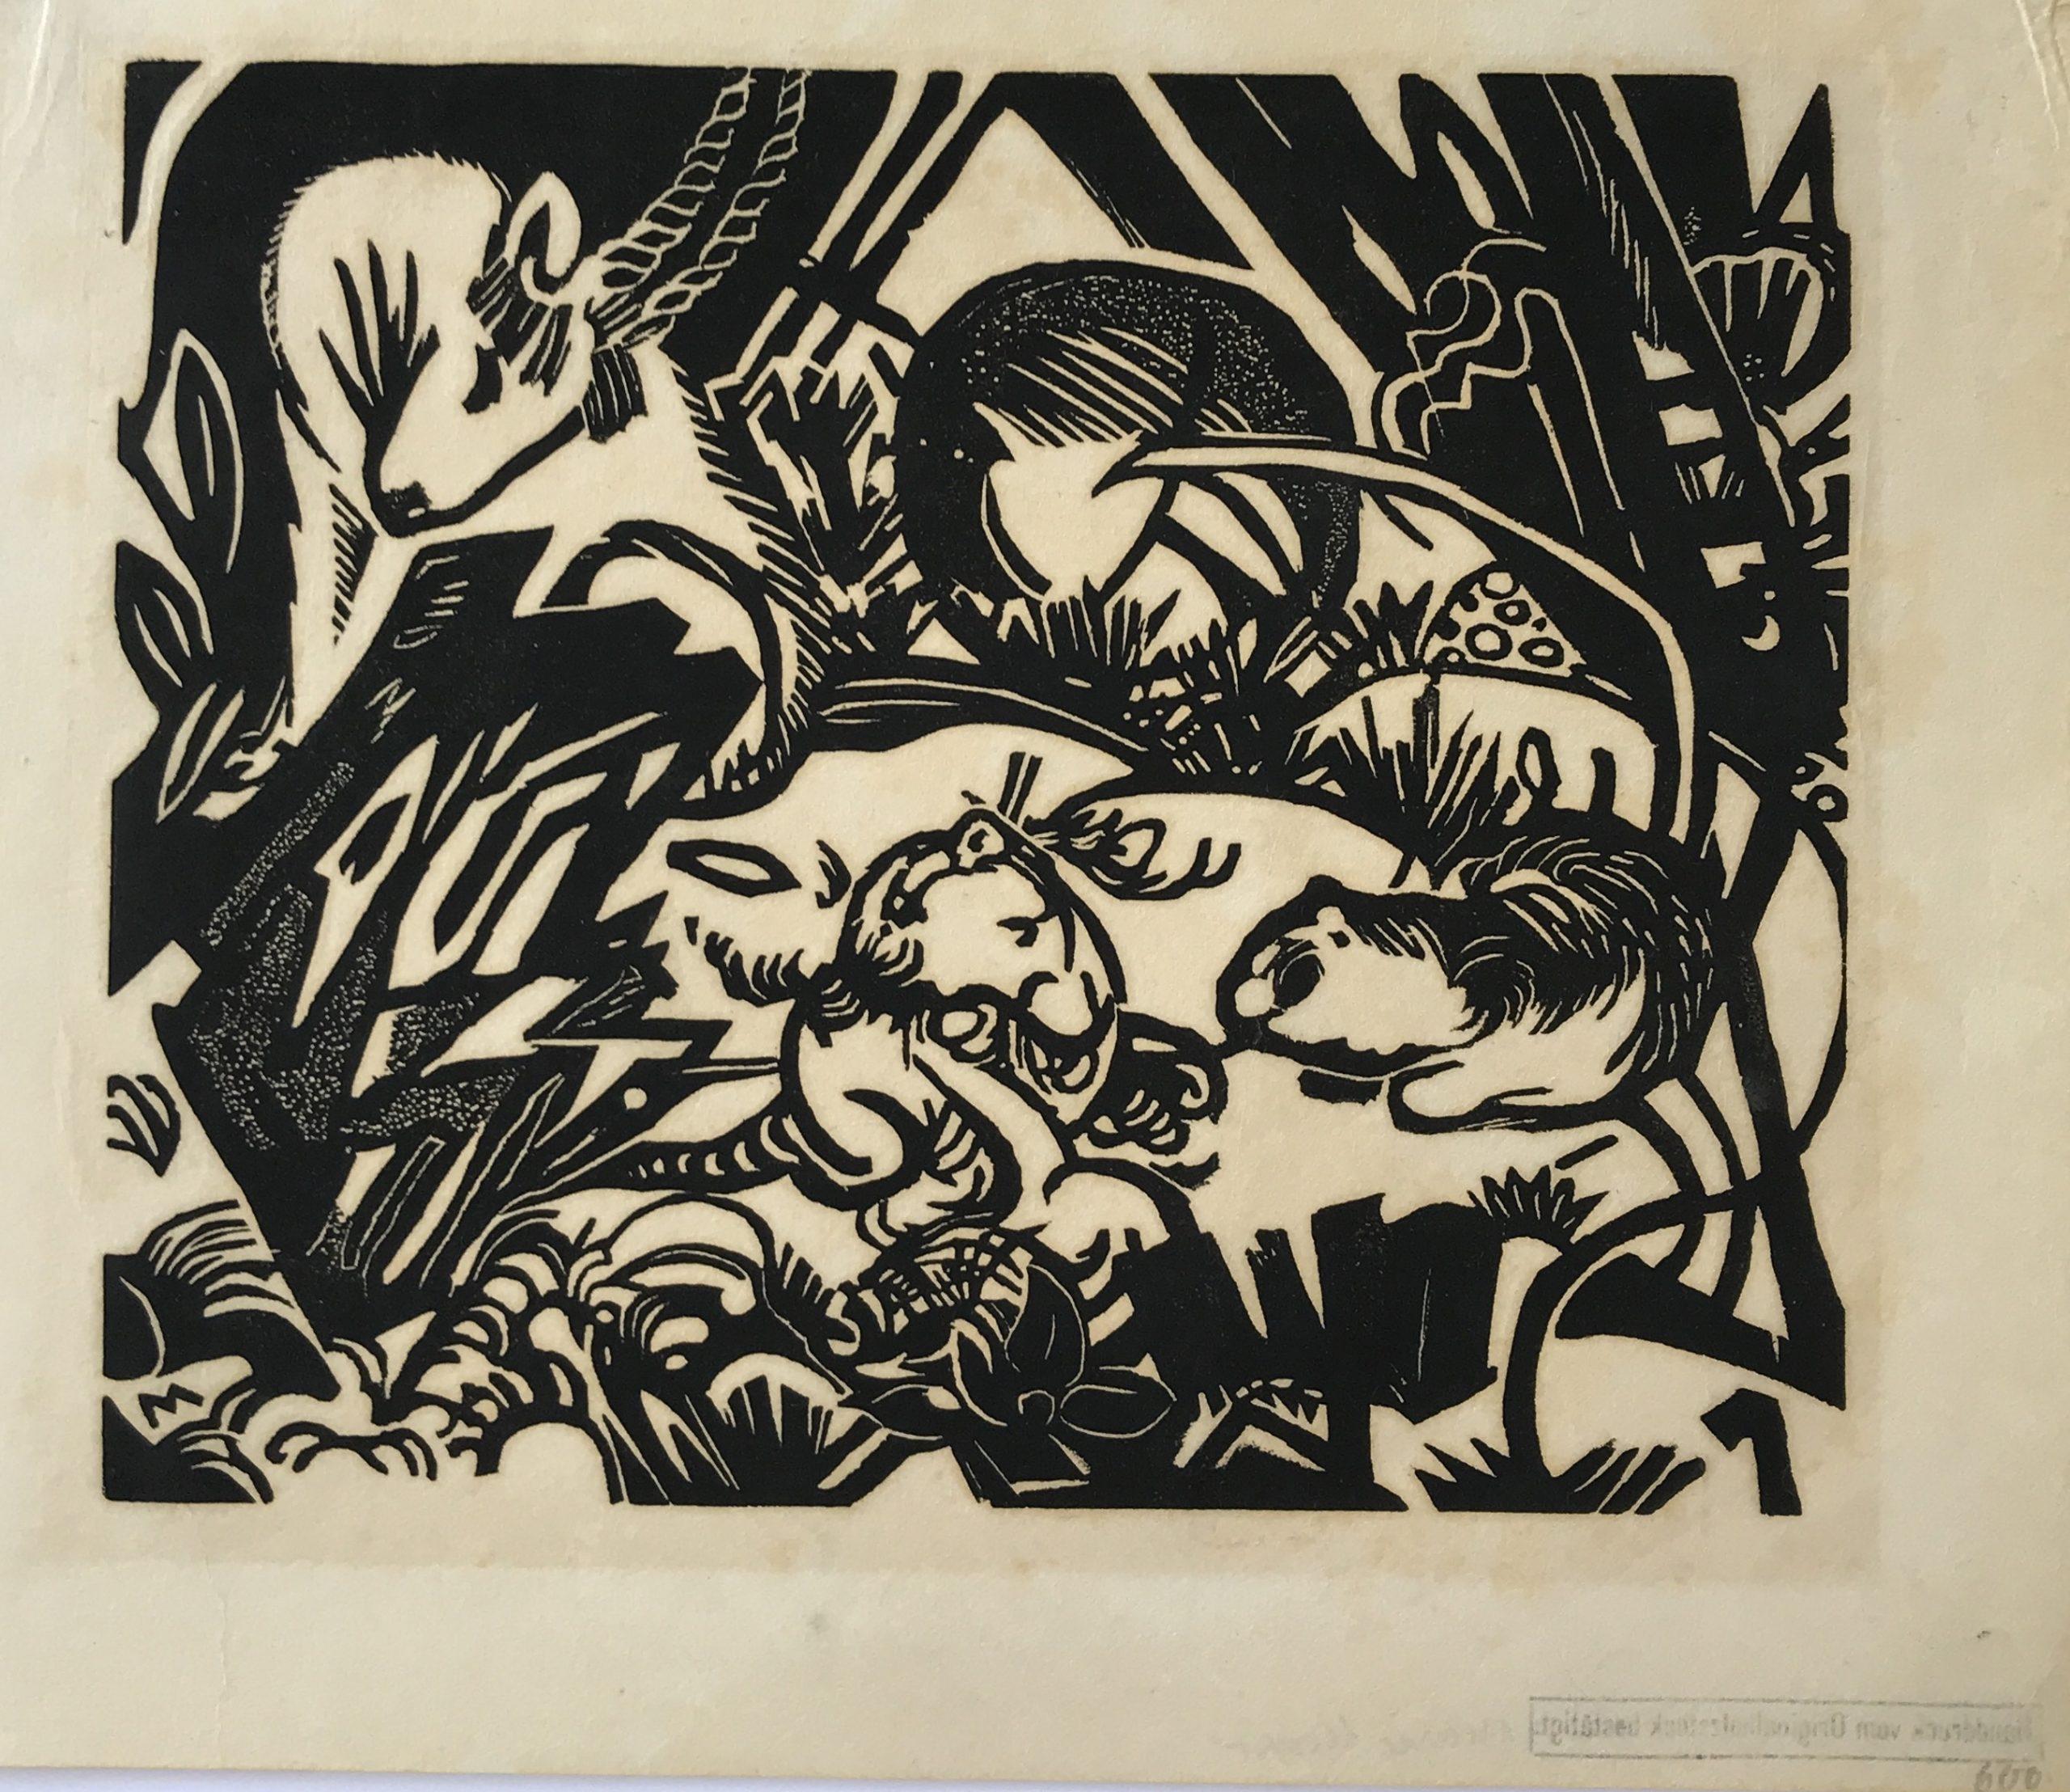 Tierlegende (Animal Legend) by Franz Marc